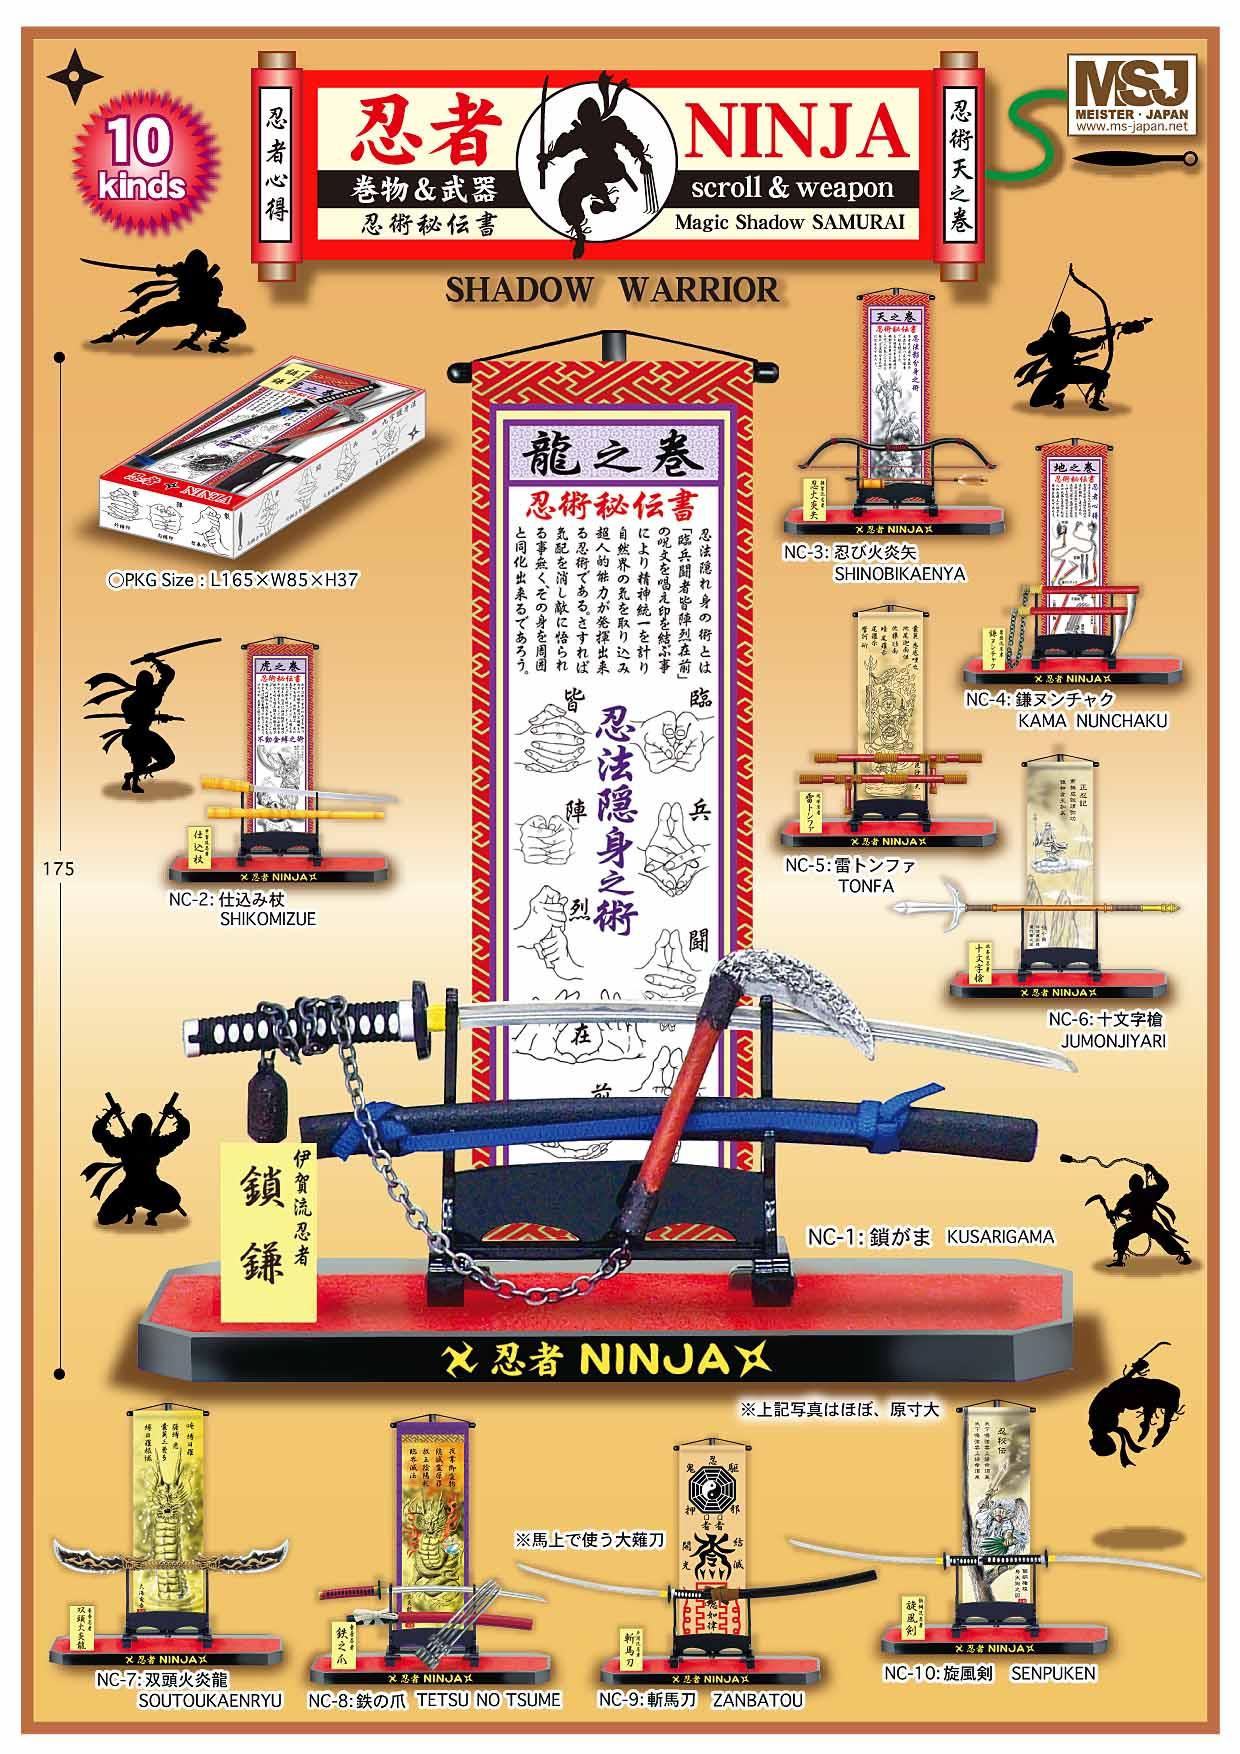 忍者Cタイプ(巻物&武器)の画像